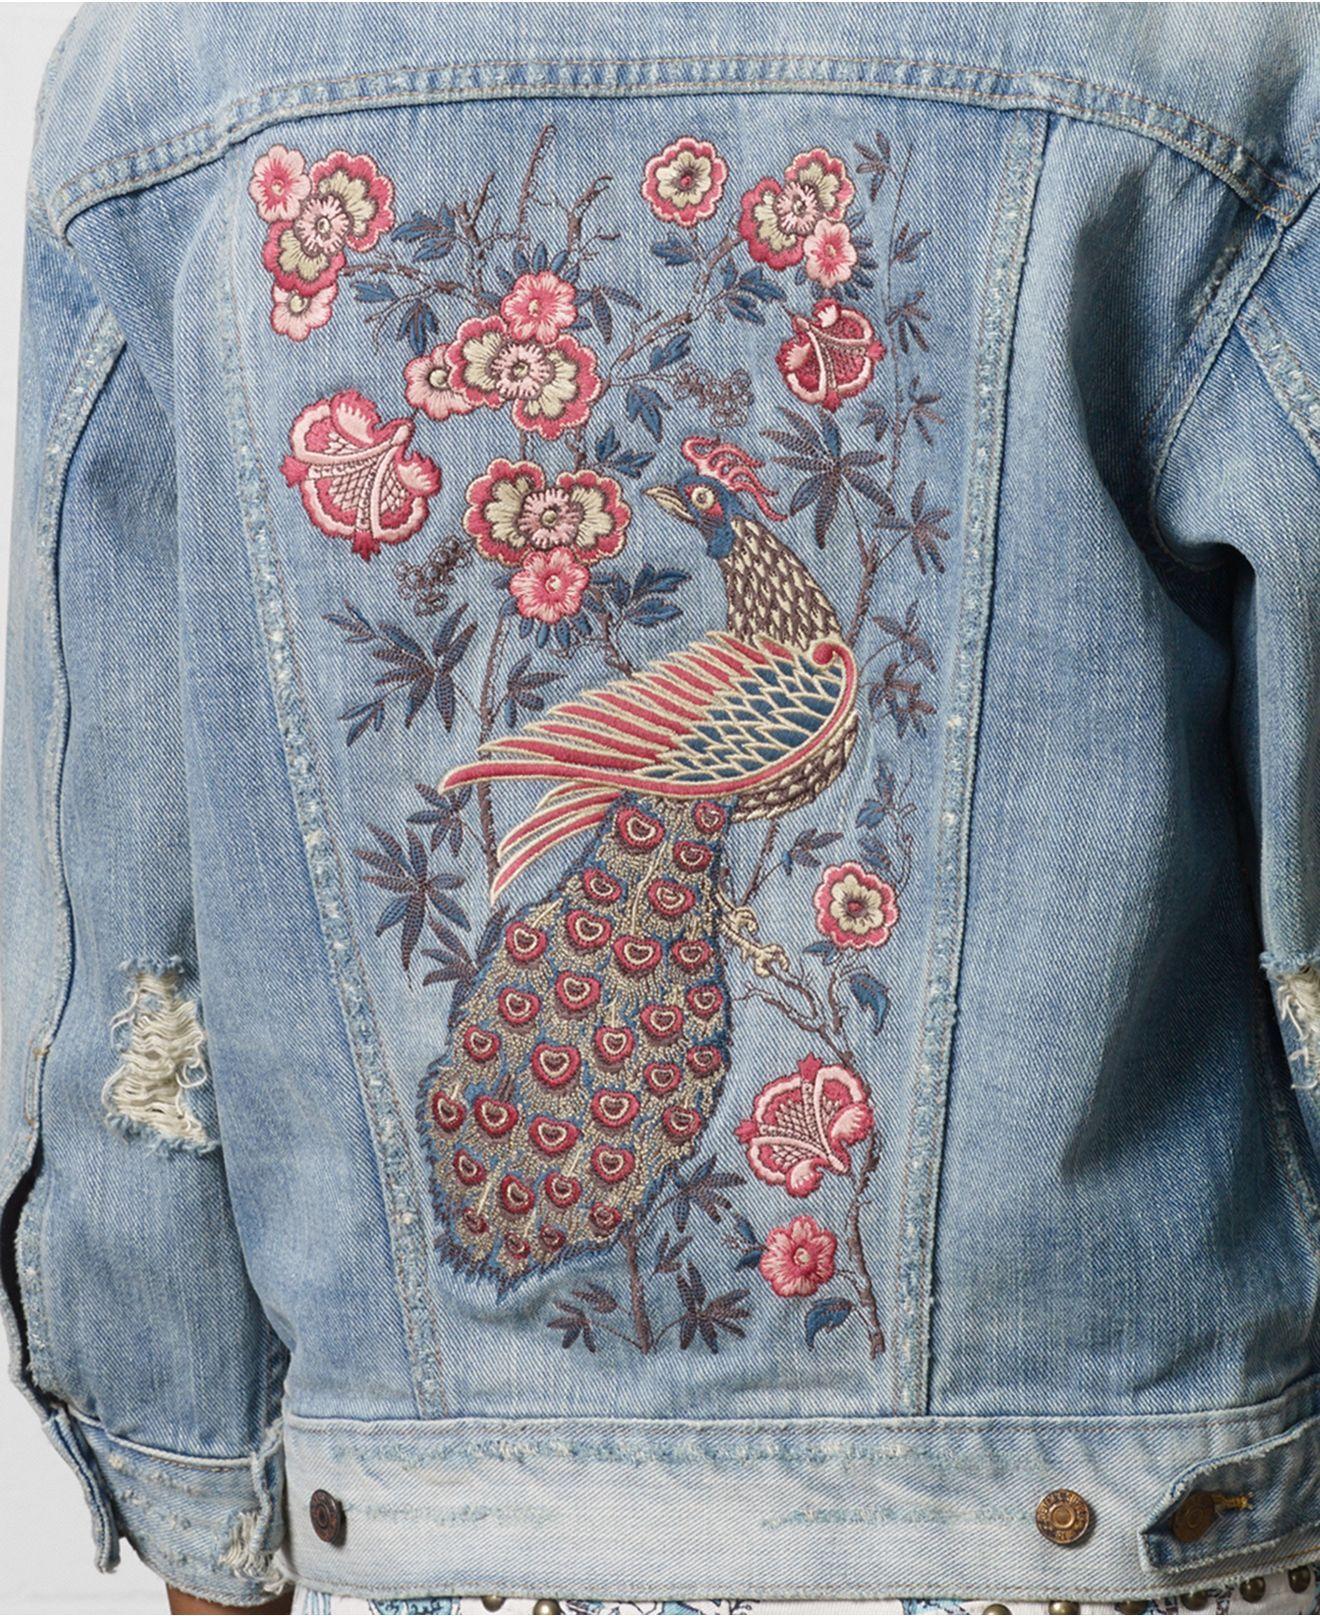 Denim supply ralph lauren destructed embroidered